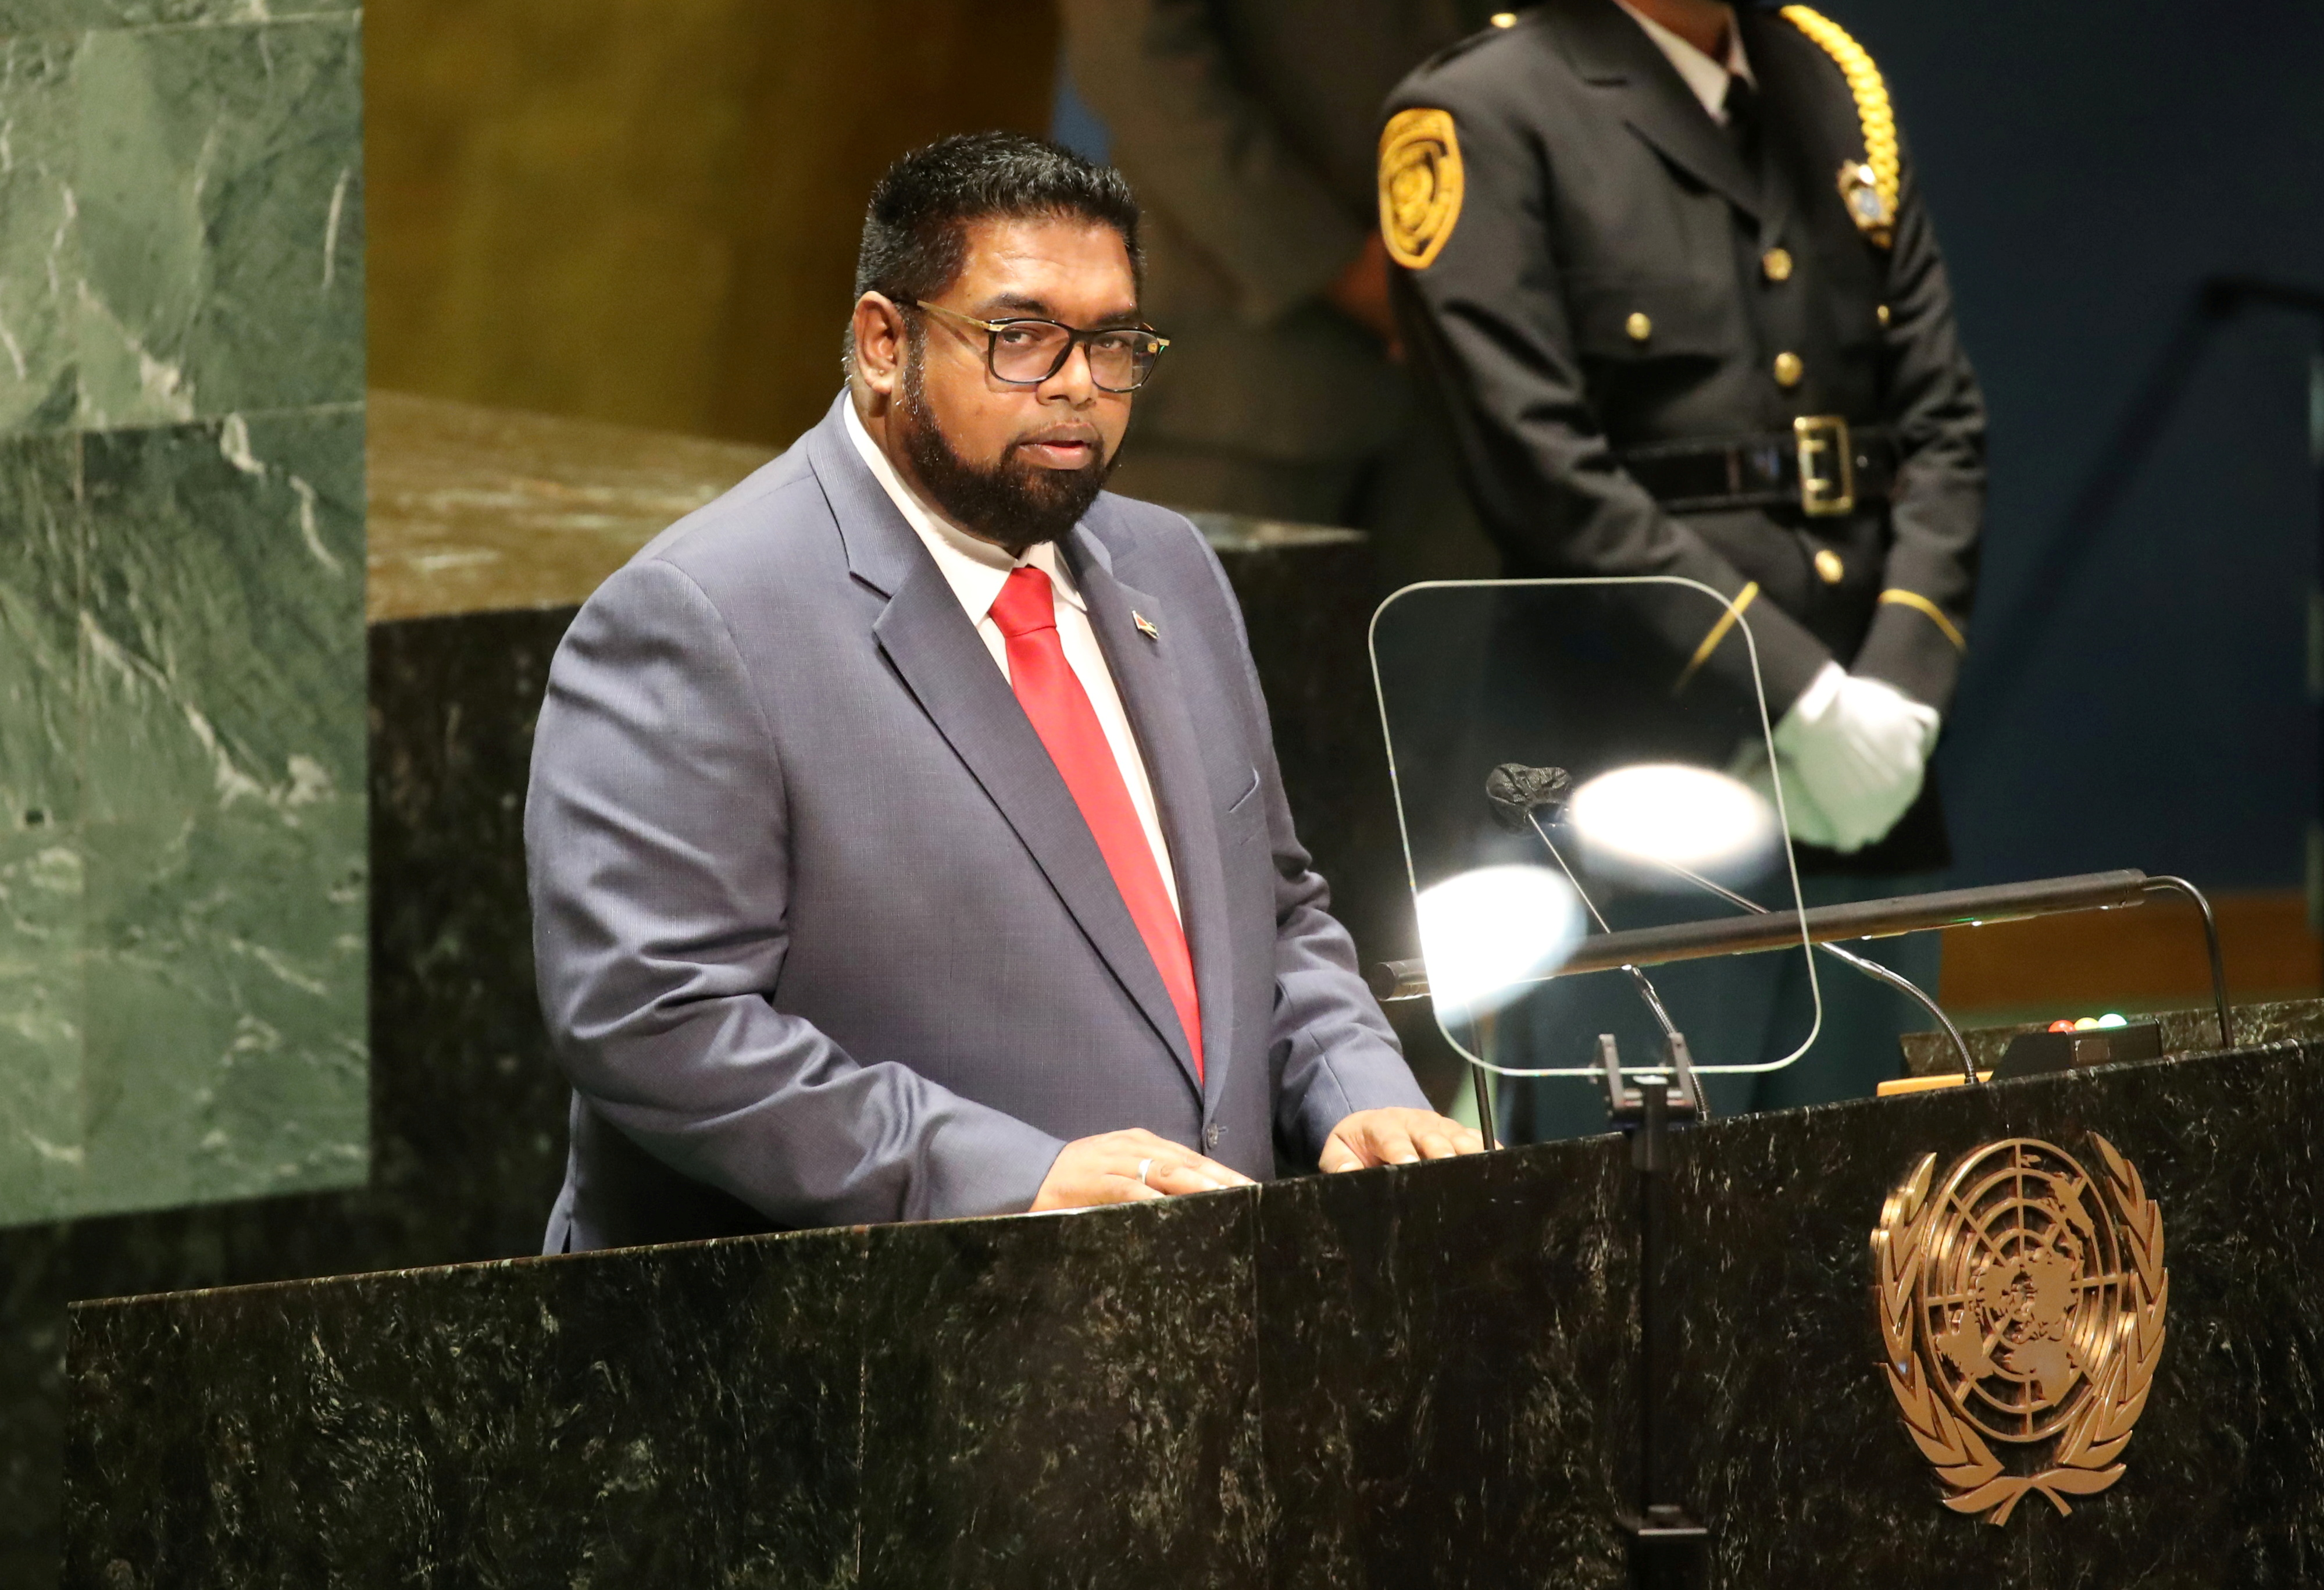 """El régimen de Nicolás Maduro deploró la """"mala fe"""" de Guyana en la ONU sobre la zona en disputa"""